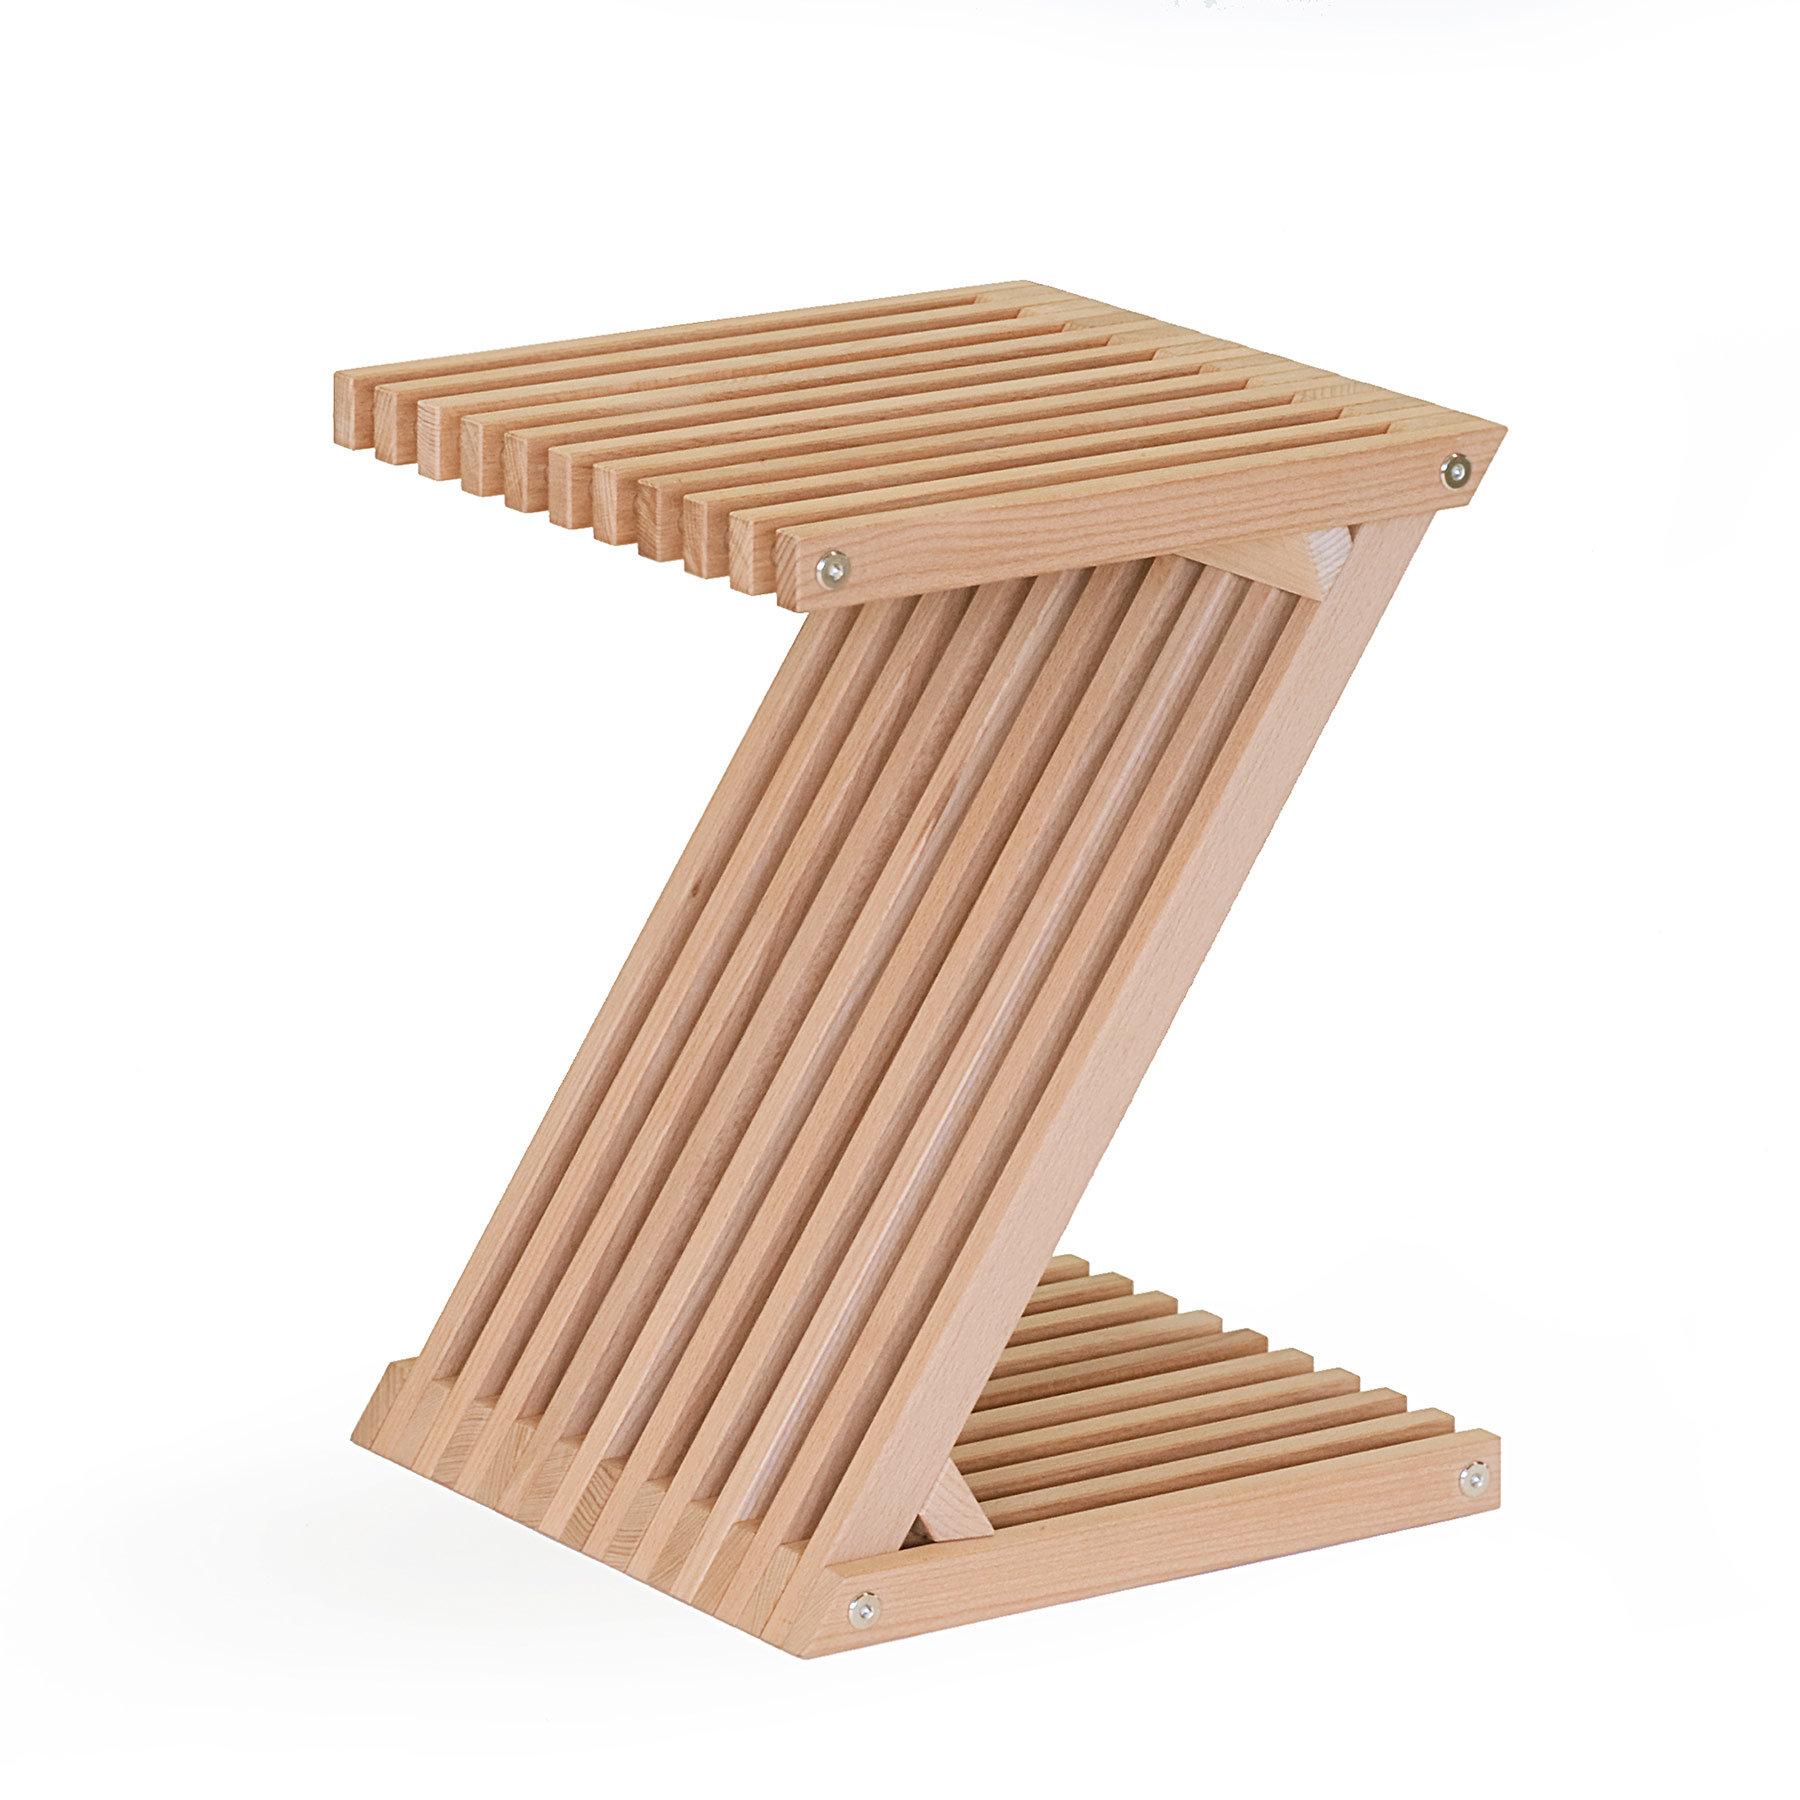 Badezimmer Hocker Holz | Badmbel Holz Landhaus Simple Badmbel Holz ...